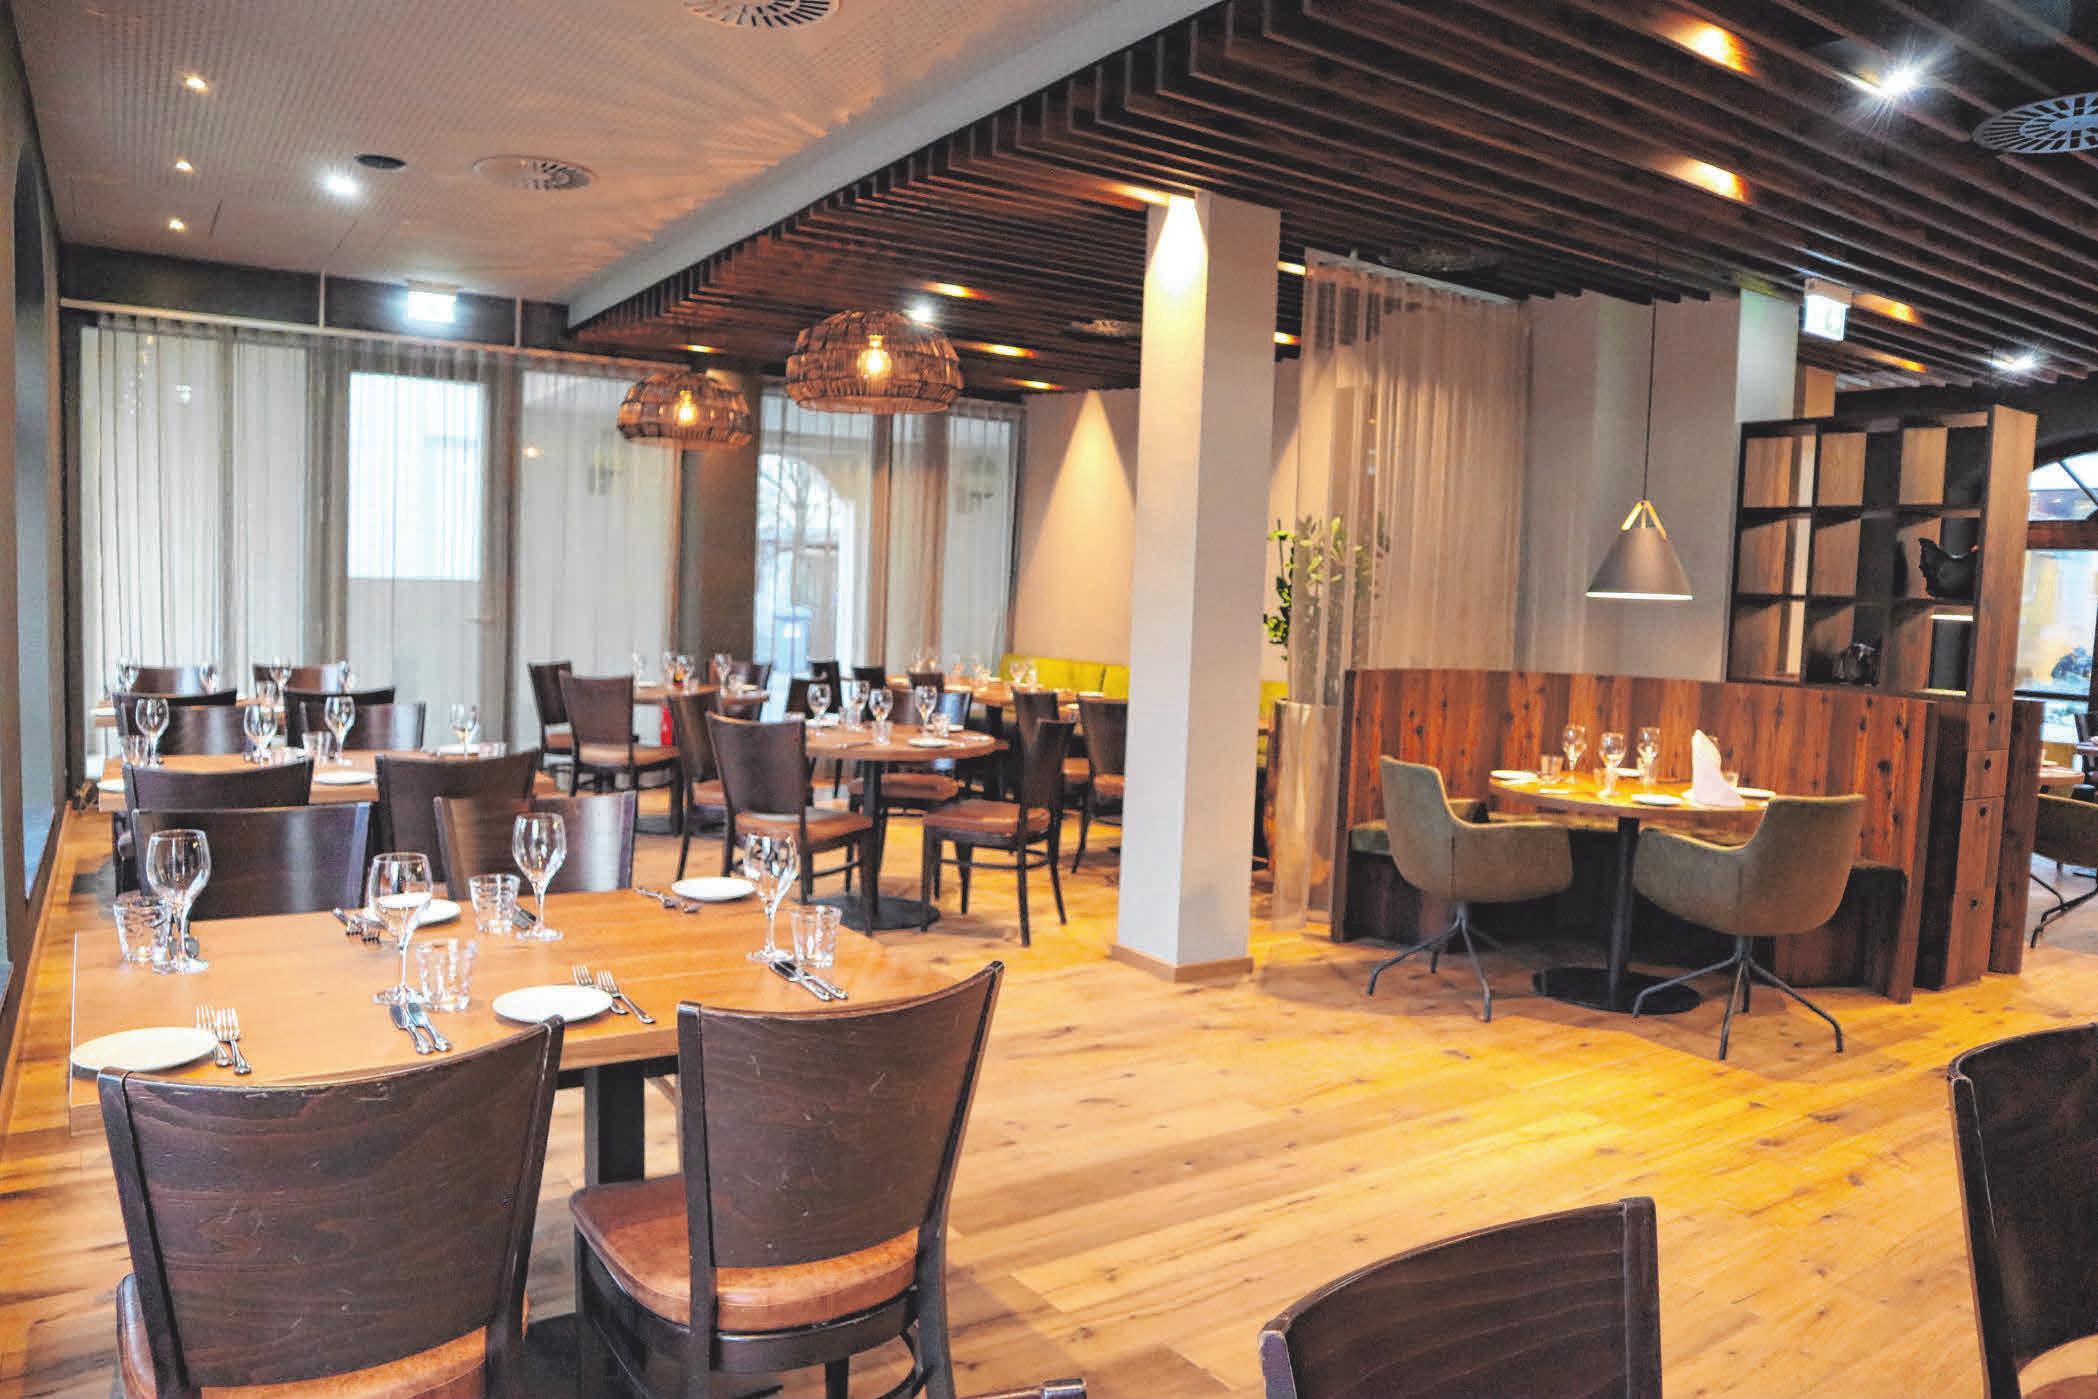 Warme Töne und Naturholz schaffen im Restaurant eine Wohlfühlatmosphäre. FOTOS (7): ELISABETH KOPRIVC